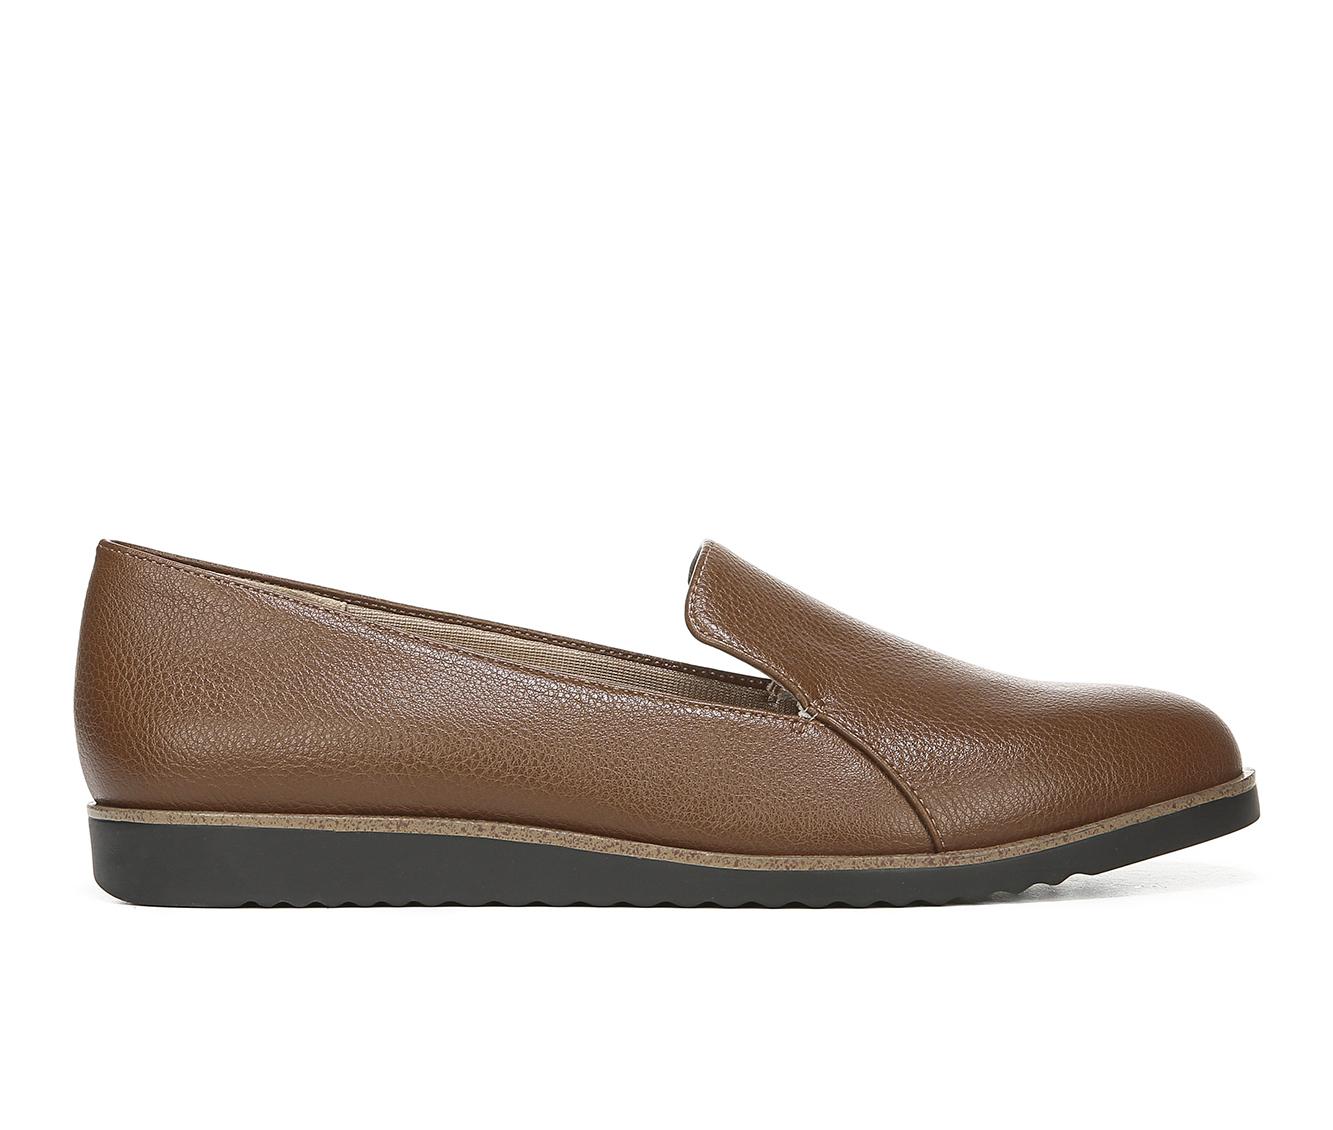 LifeStride Zendaya Women's Shoe (Brown Faux Leather)